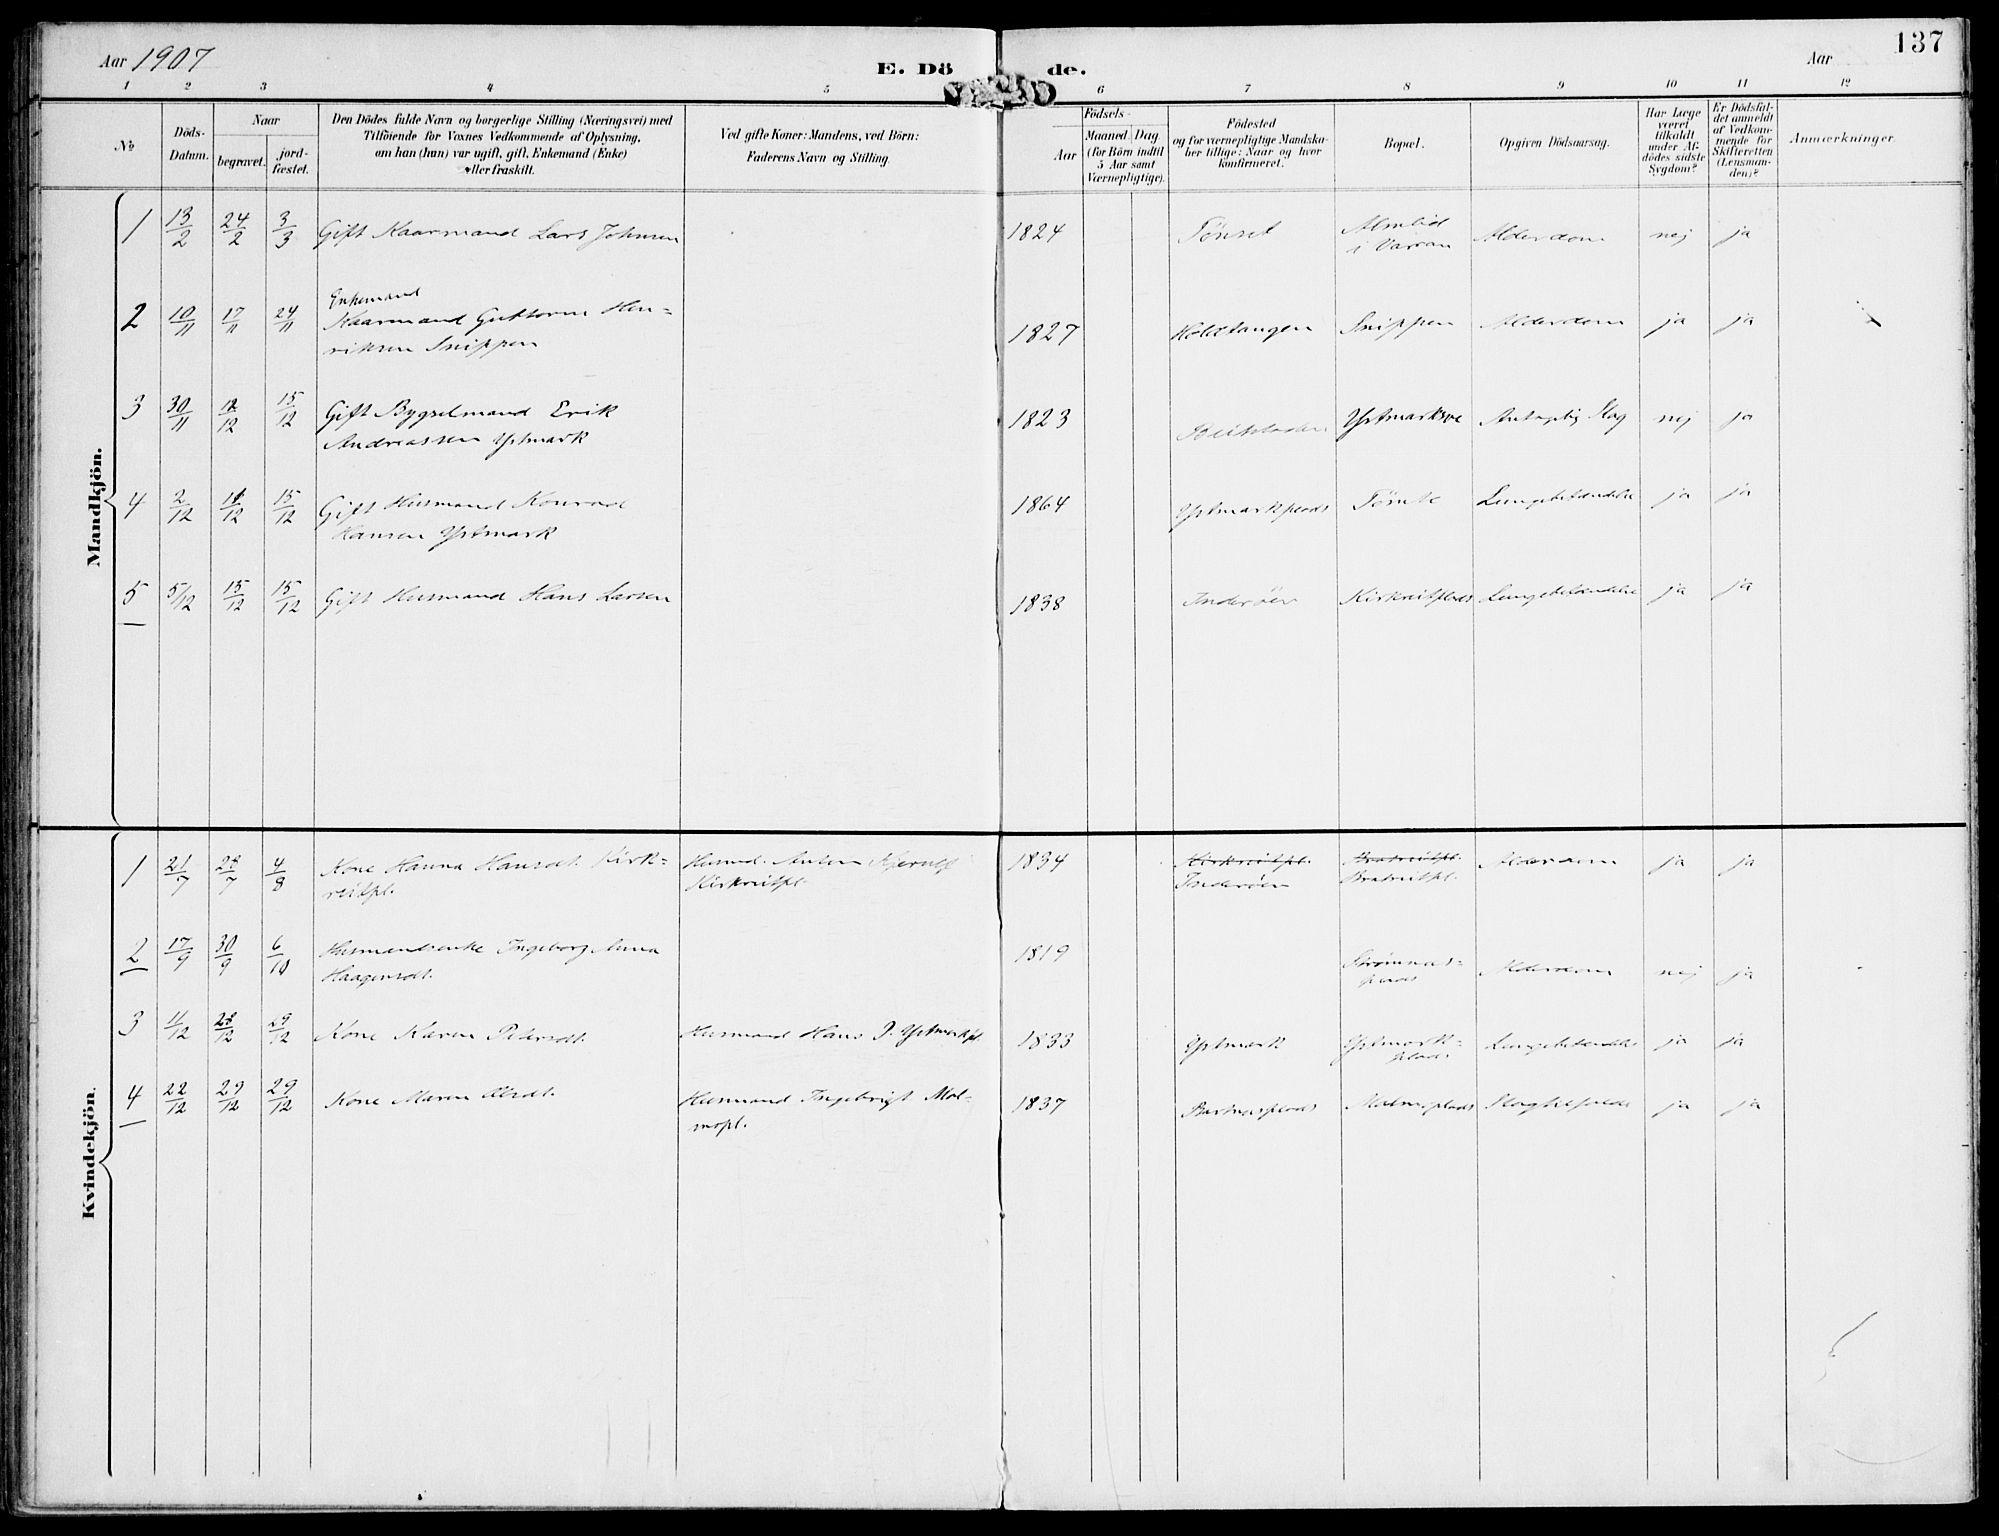 SAT, Ministerialprotokoller, klokkerbøker og fødselsregistre - Nord-Trøndelag, 745/L0430: Ministerialbok nr. 745A02, 1895-1913, s. 137